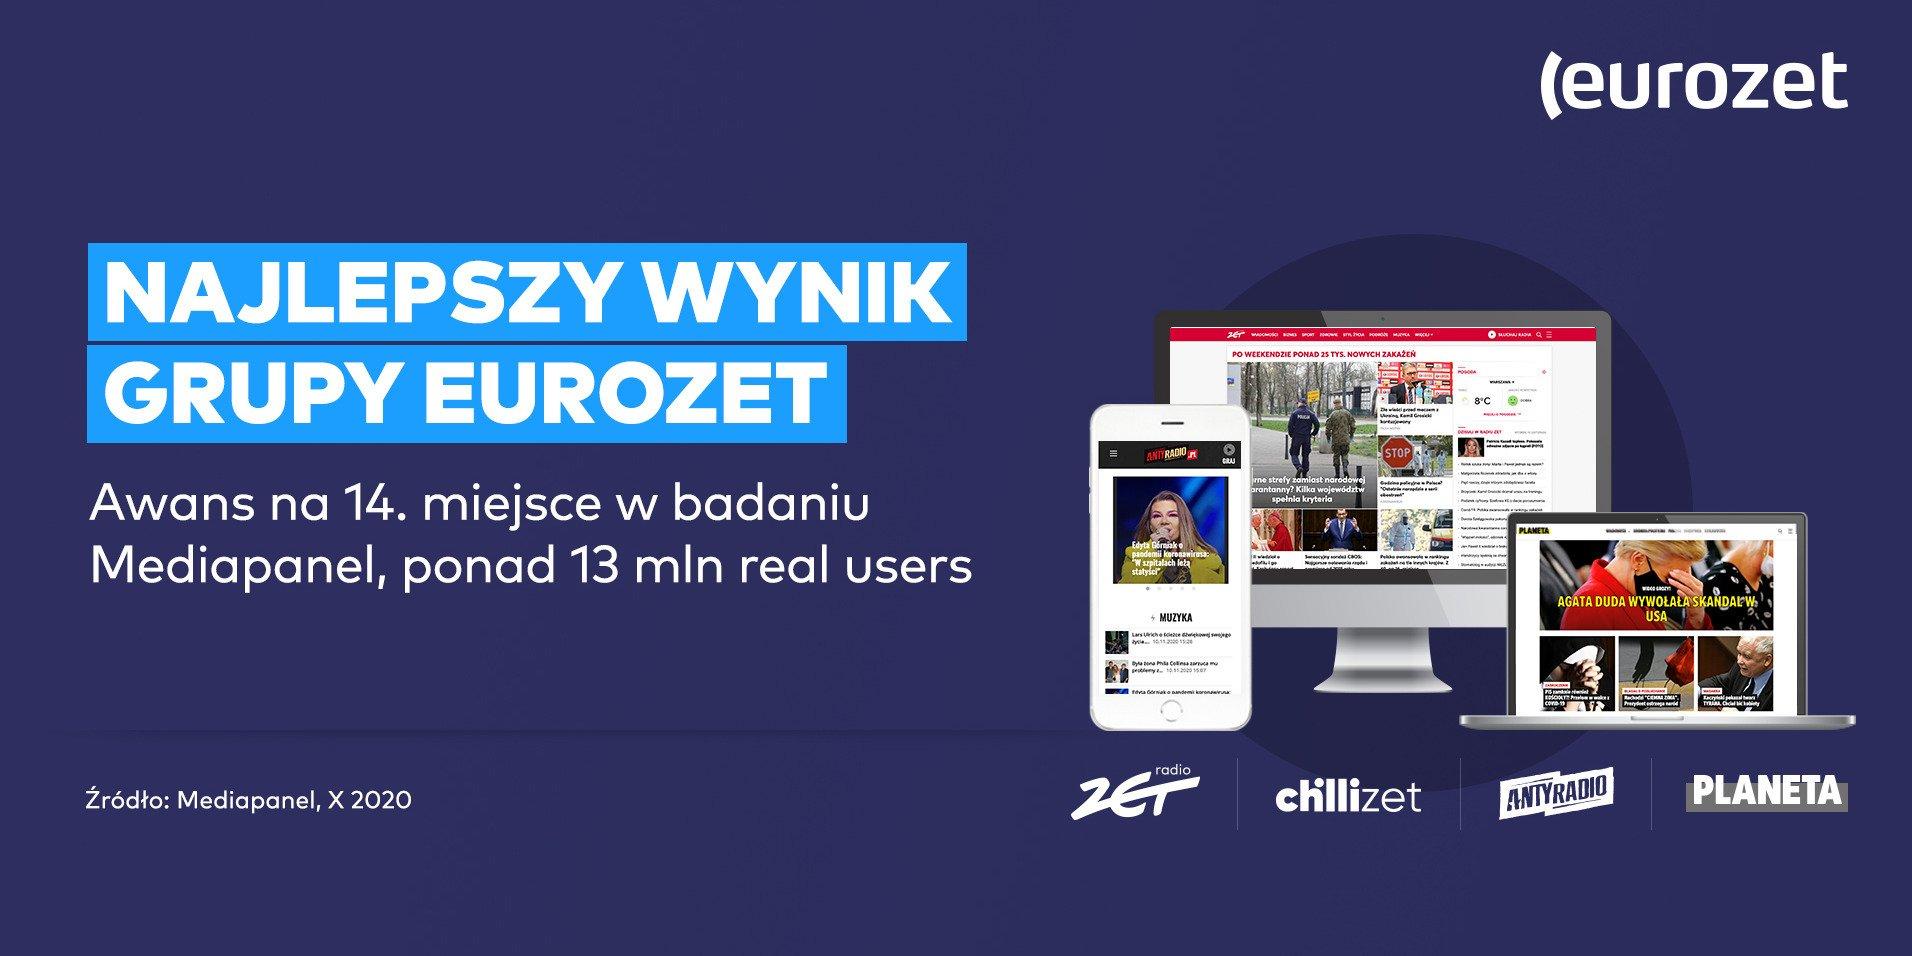 Ponad 13 mln realnych użytkowników Grupy Eurozet